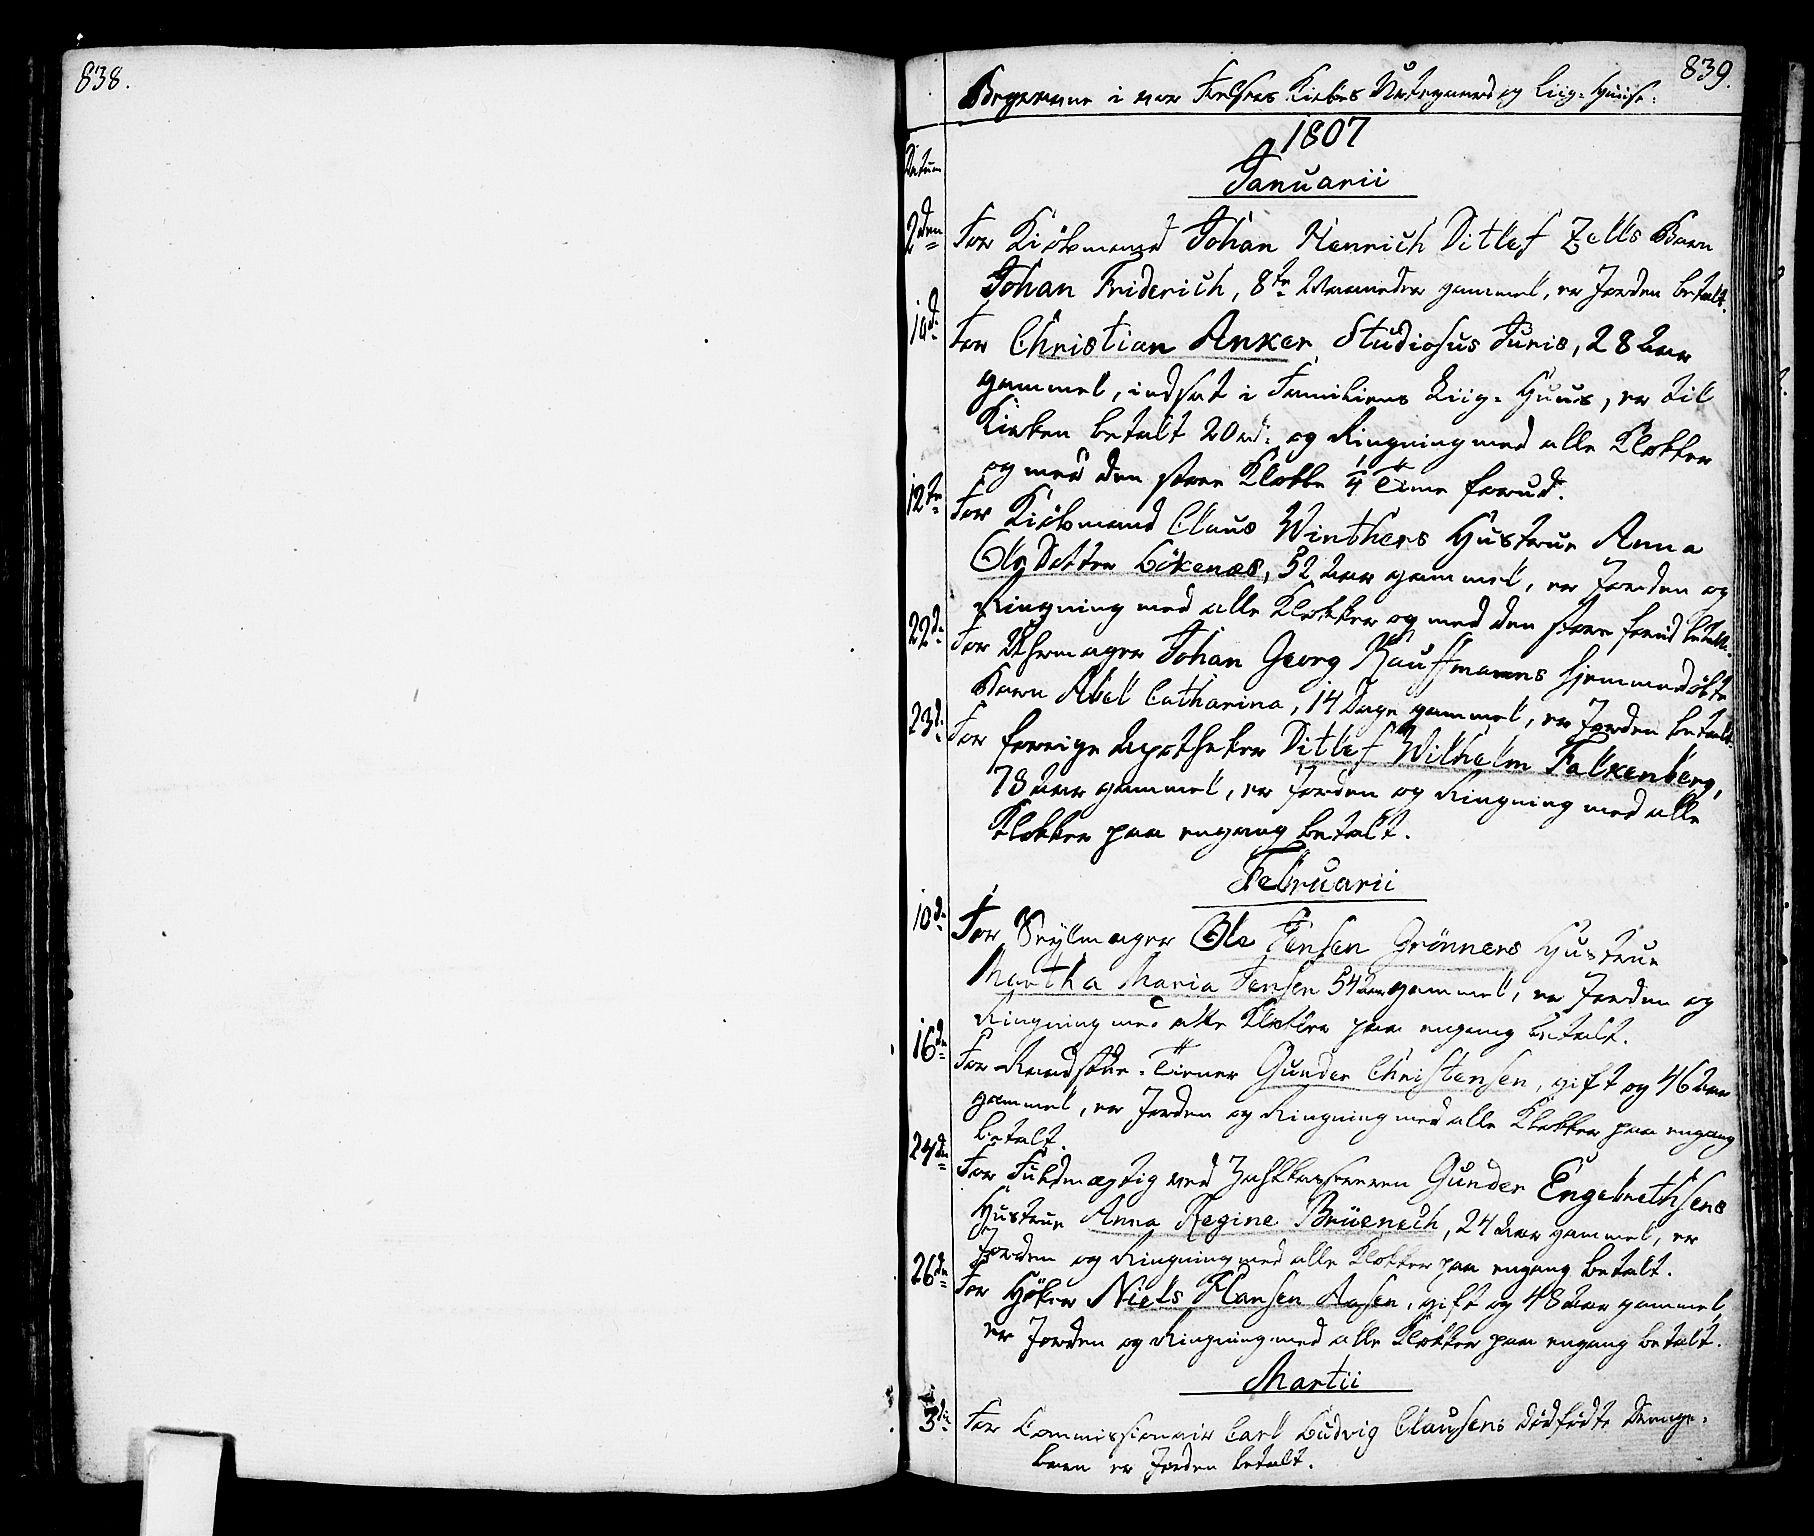 SAO, Oslo domkirke Kirkebøker, F/Fa/L0006: Ministerialbok nr. 6, 1807-1817, s. 838-839